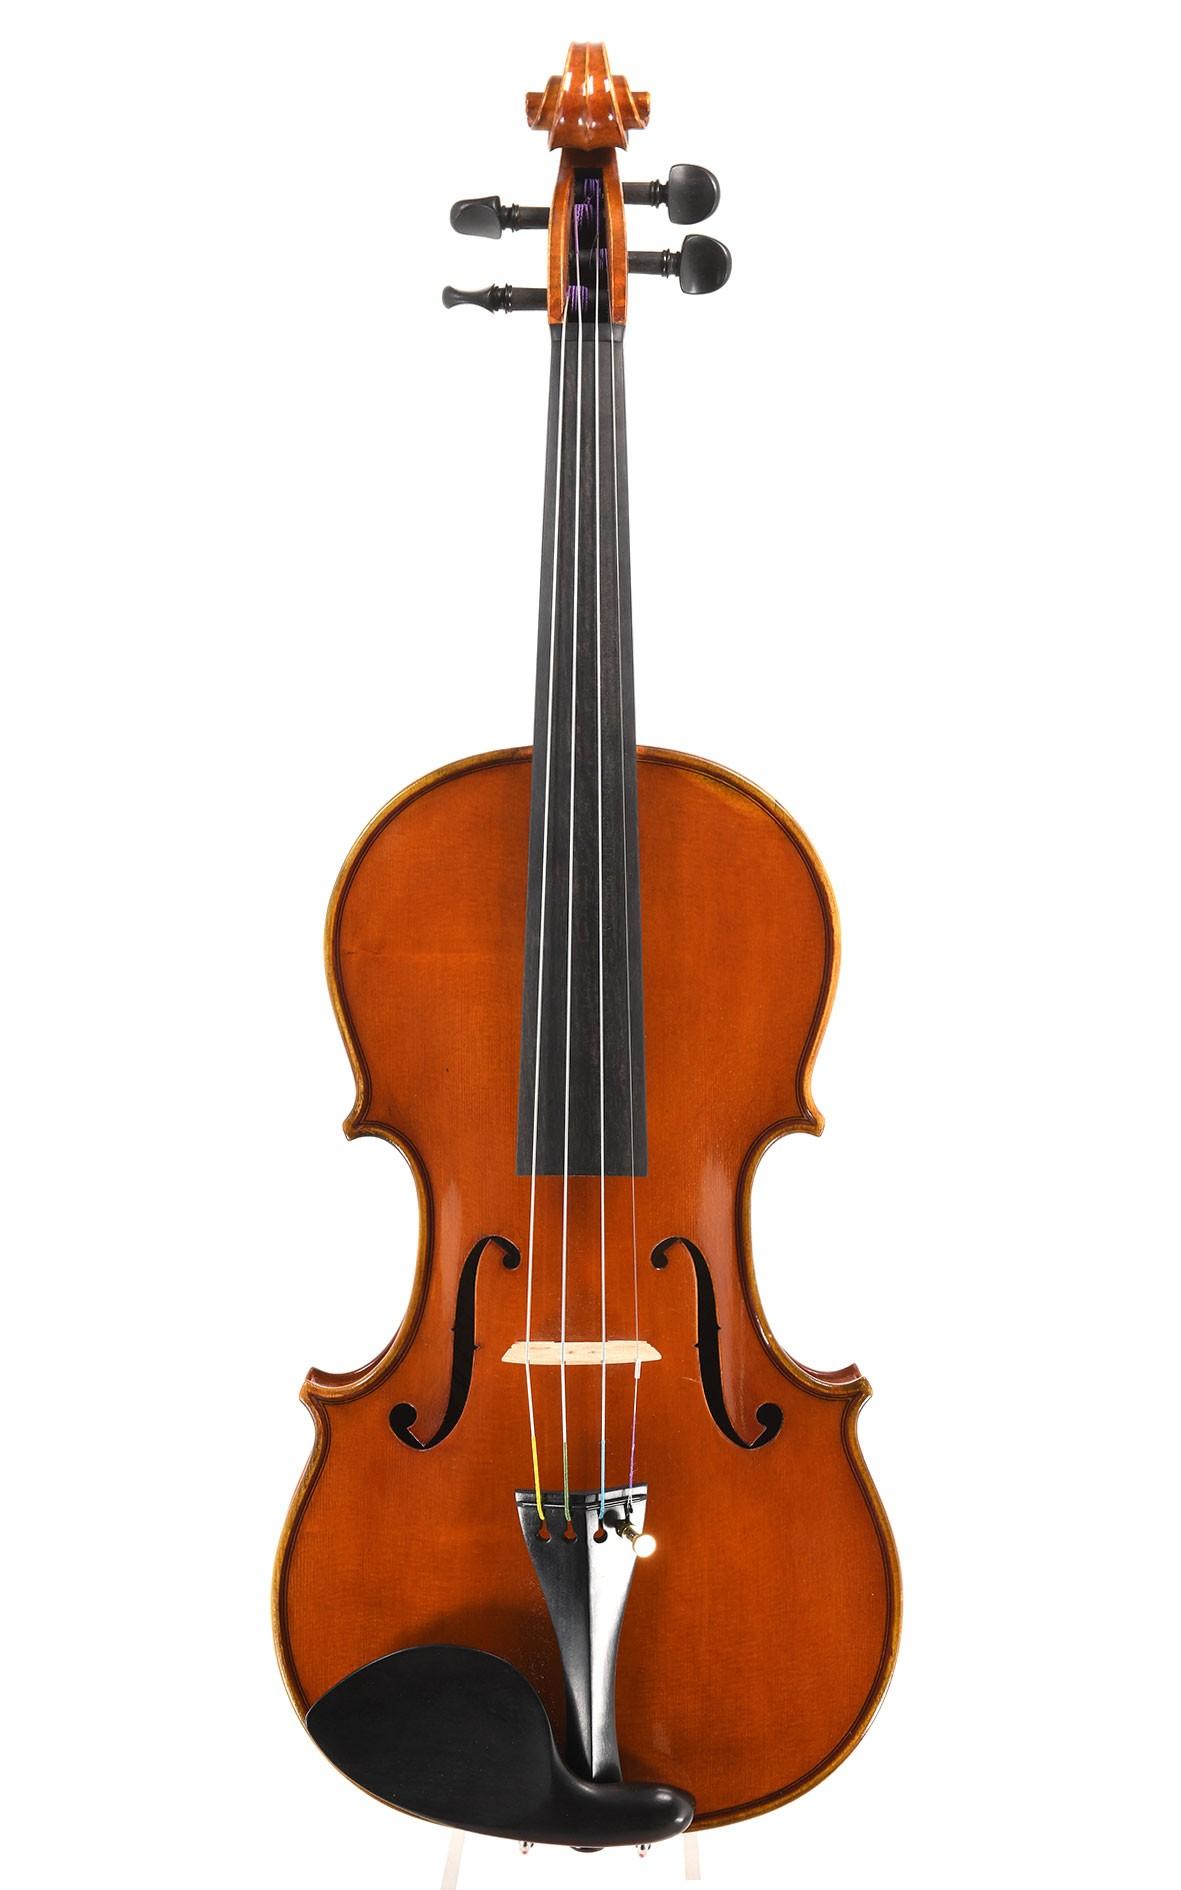 Violin by Mario Gadda, 1984